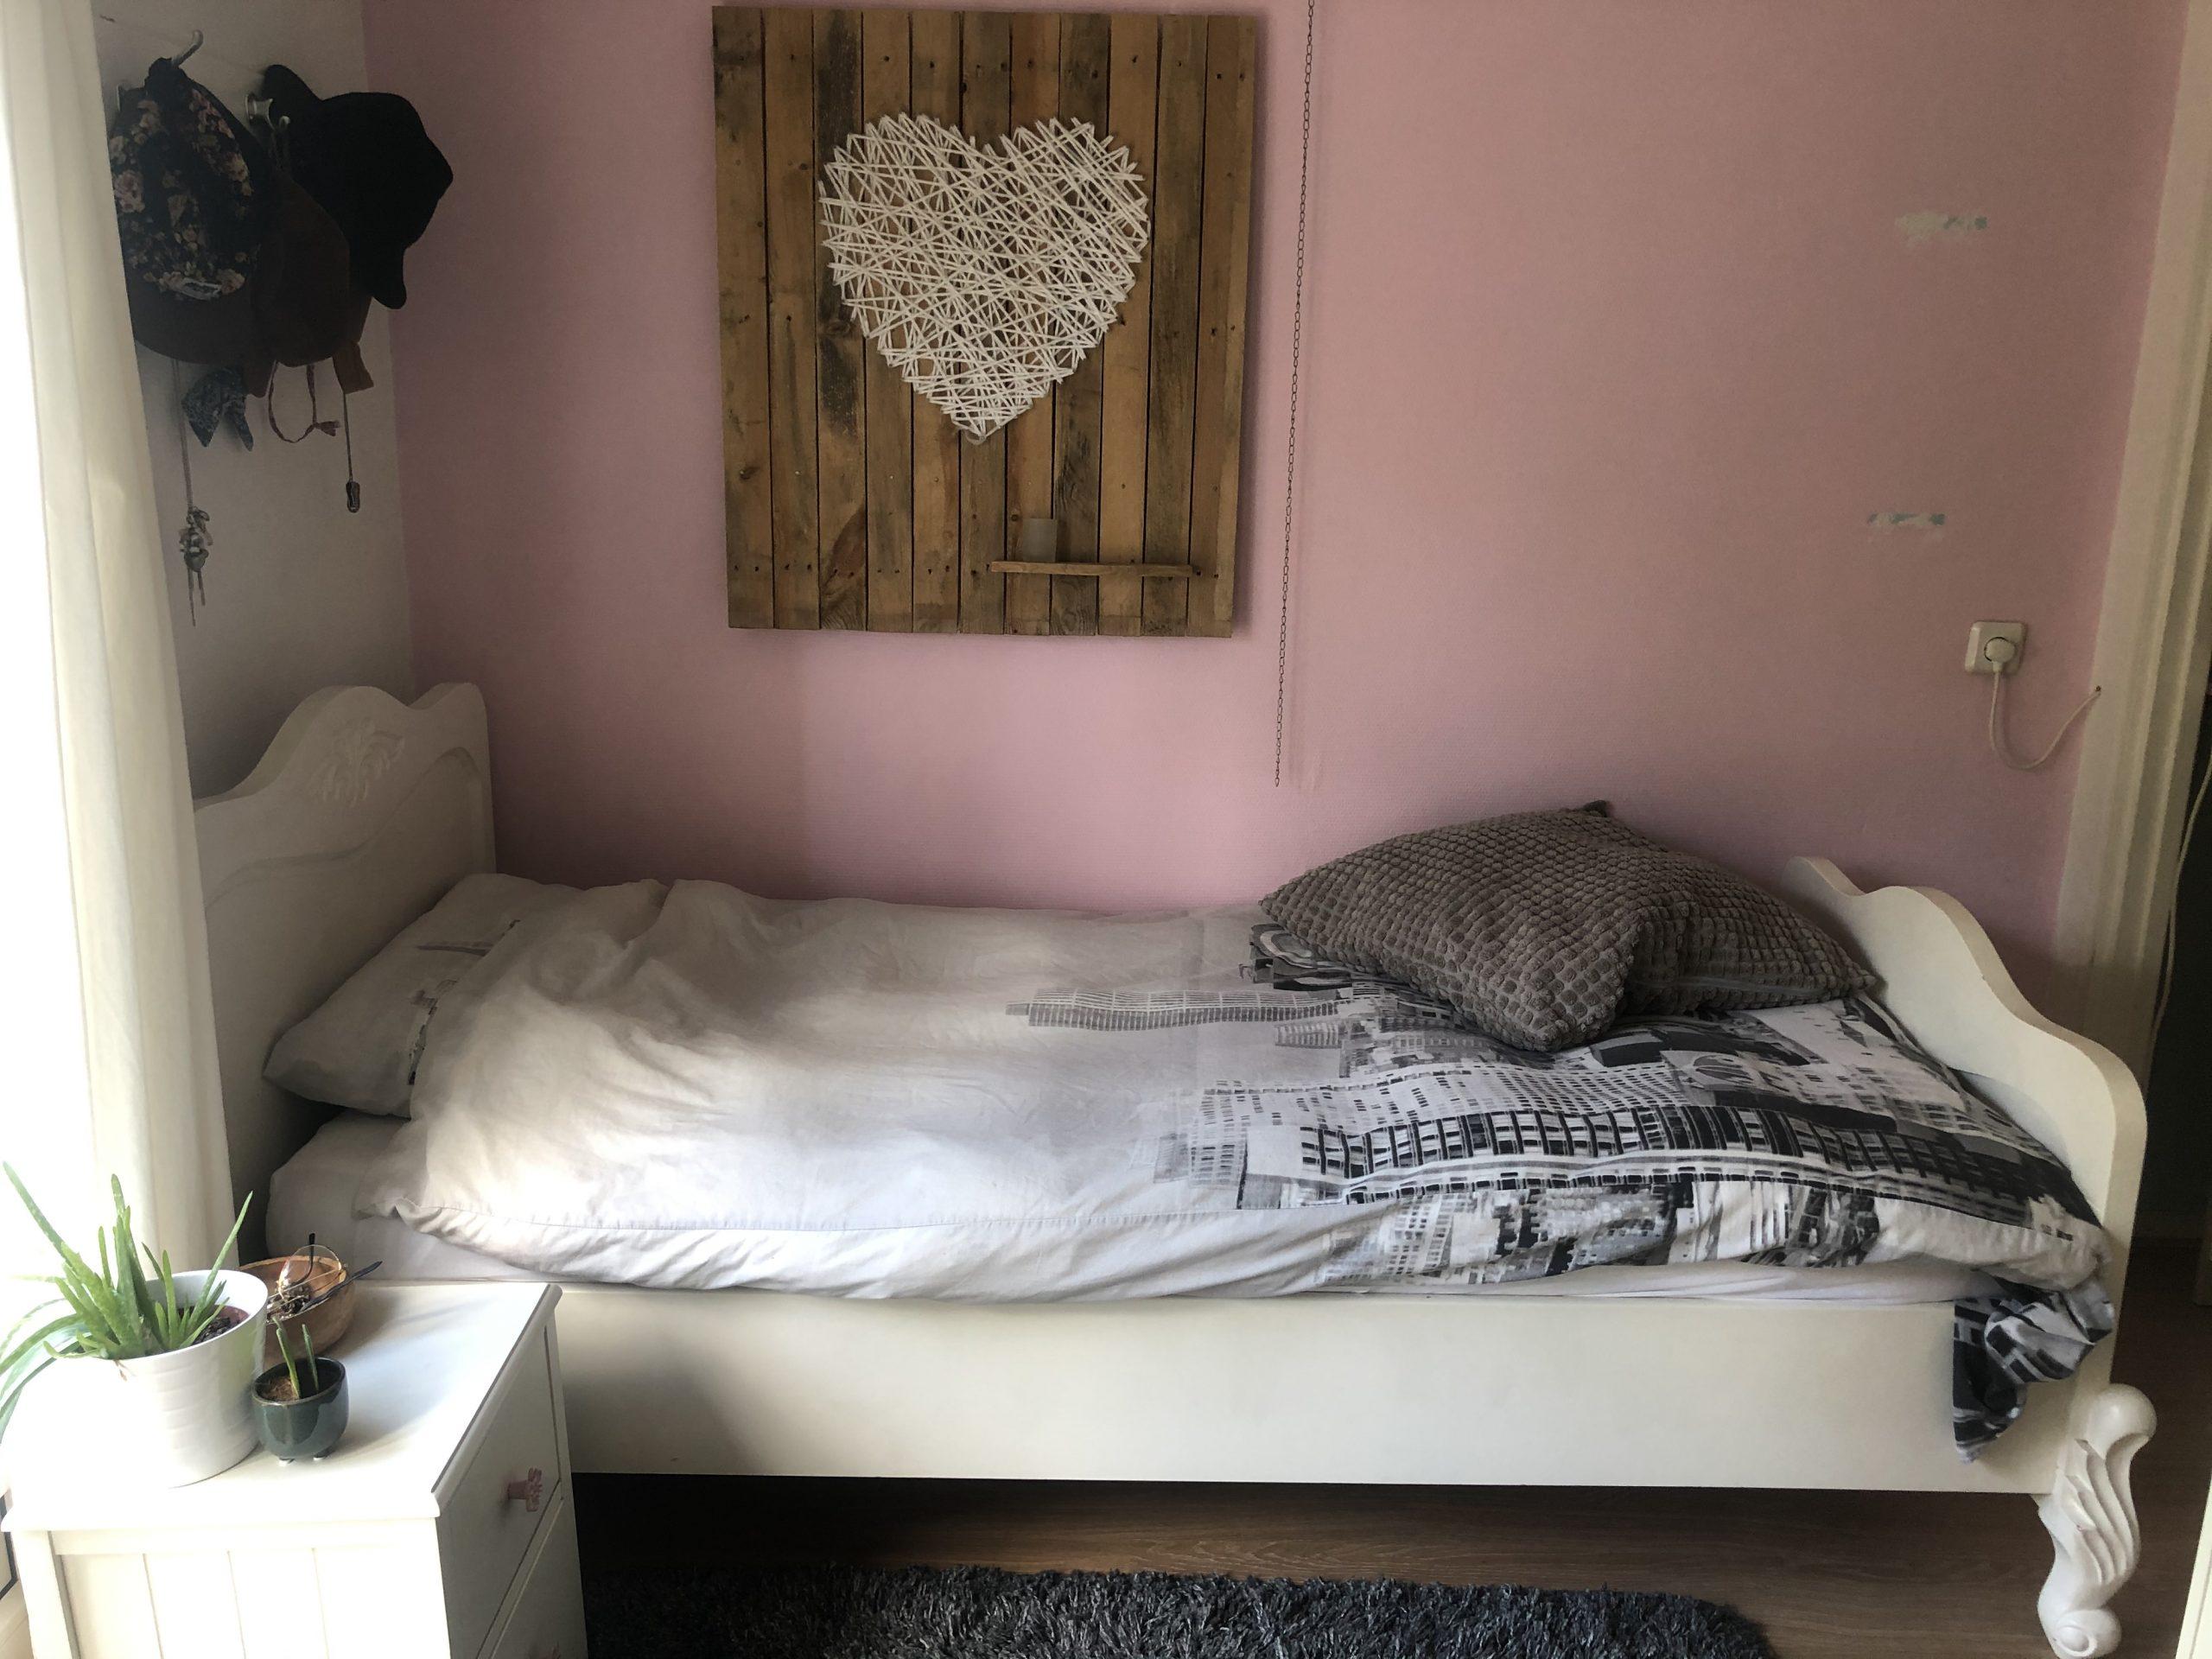 Room tour – part 2